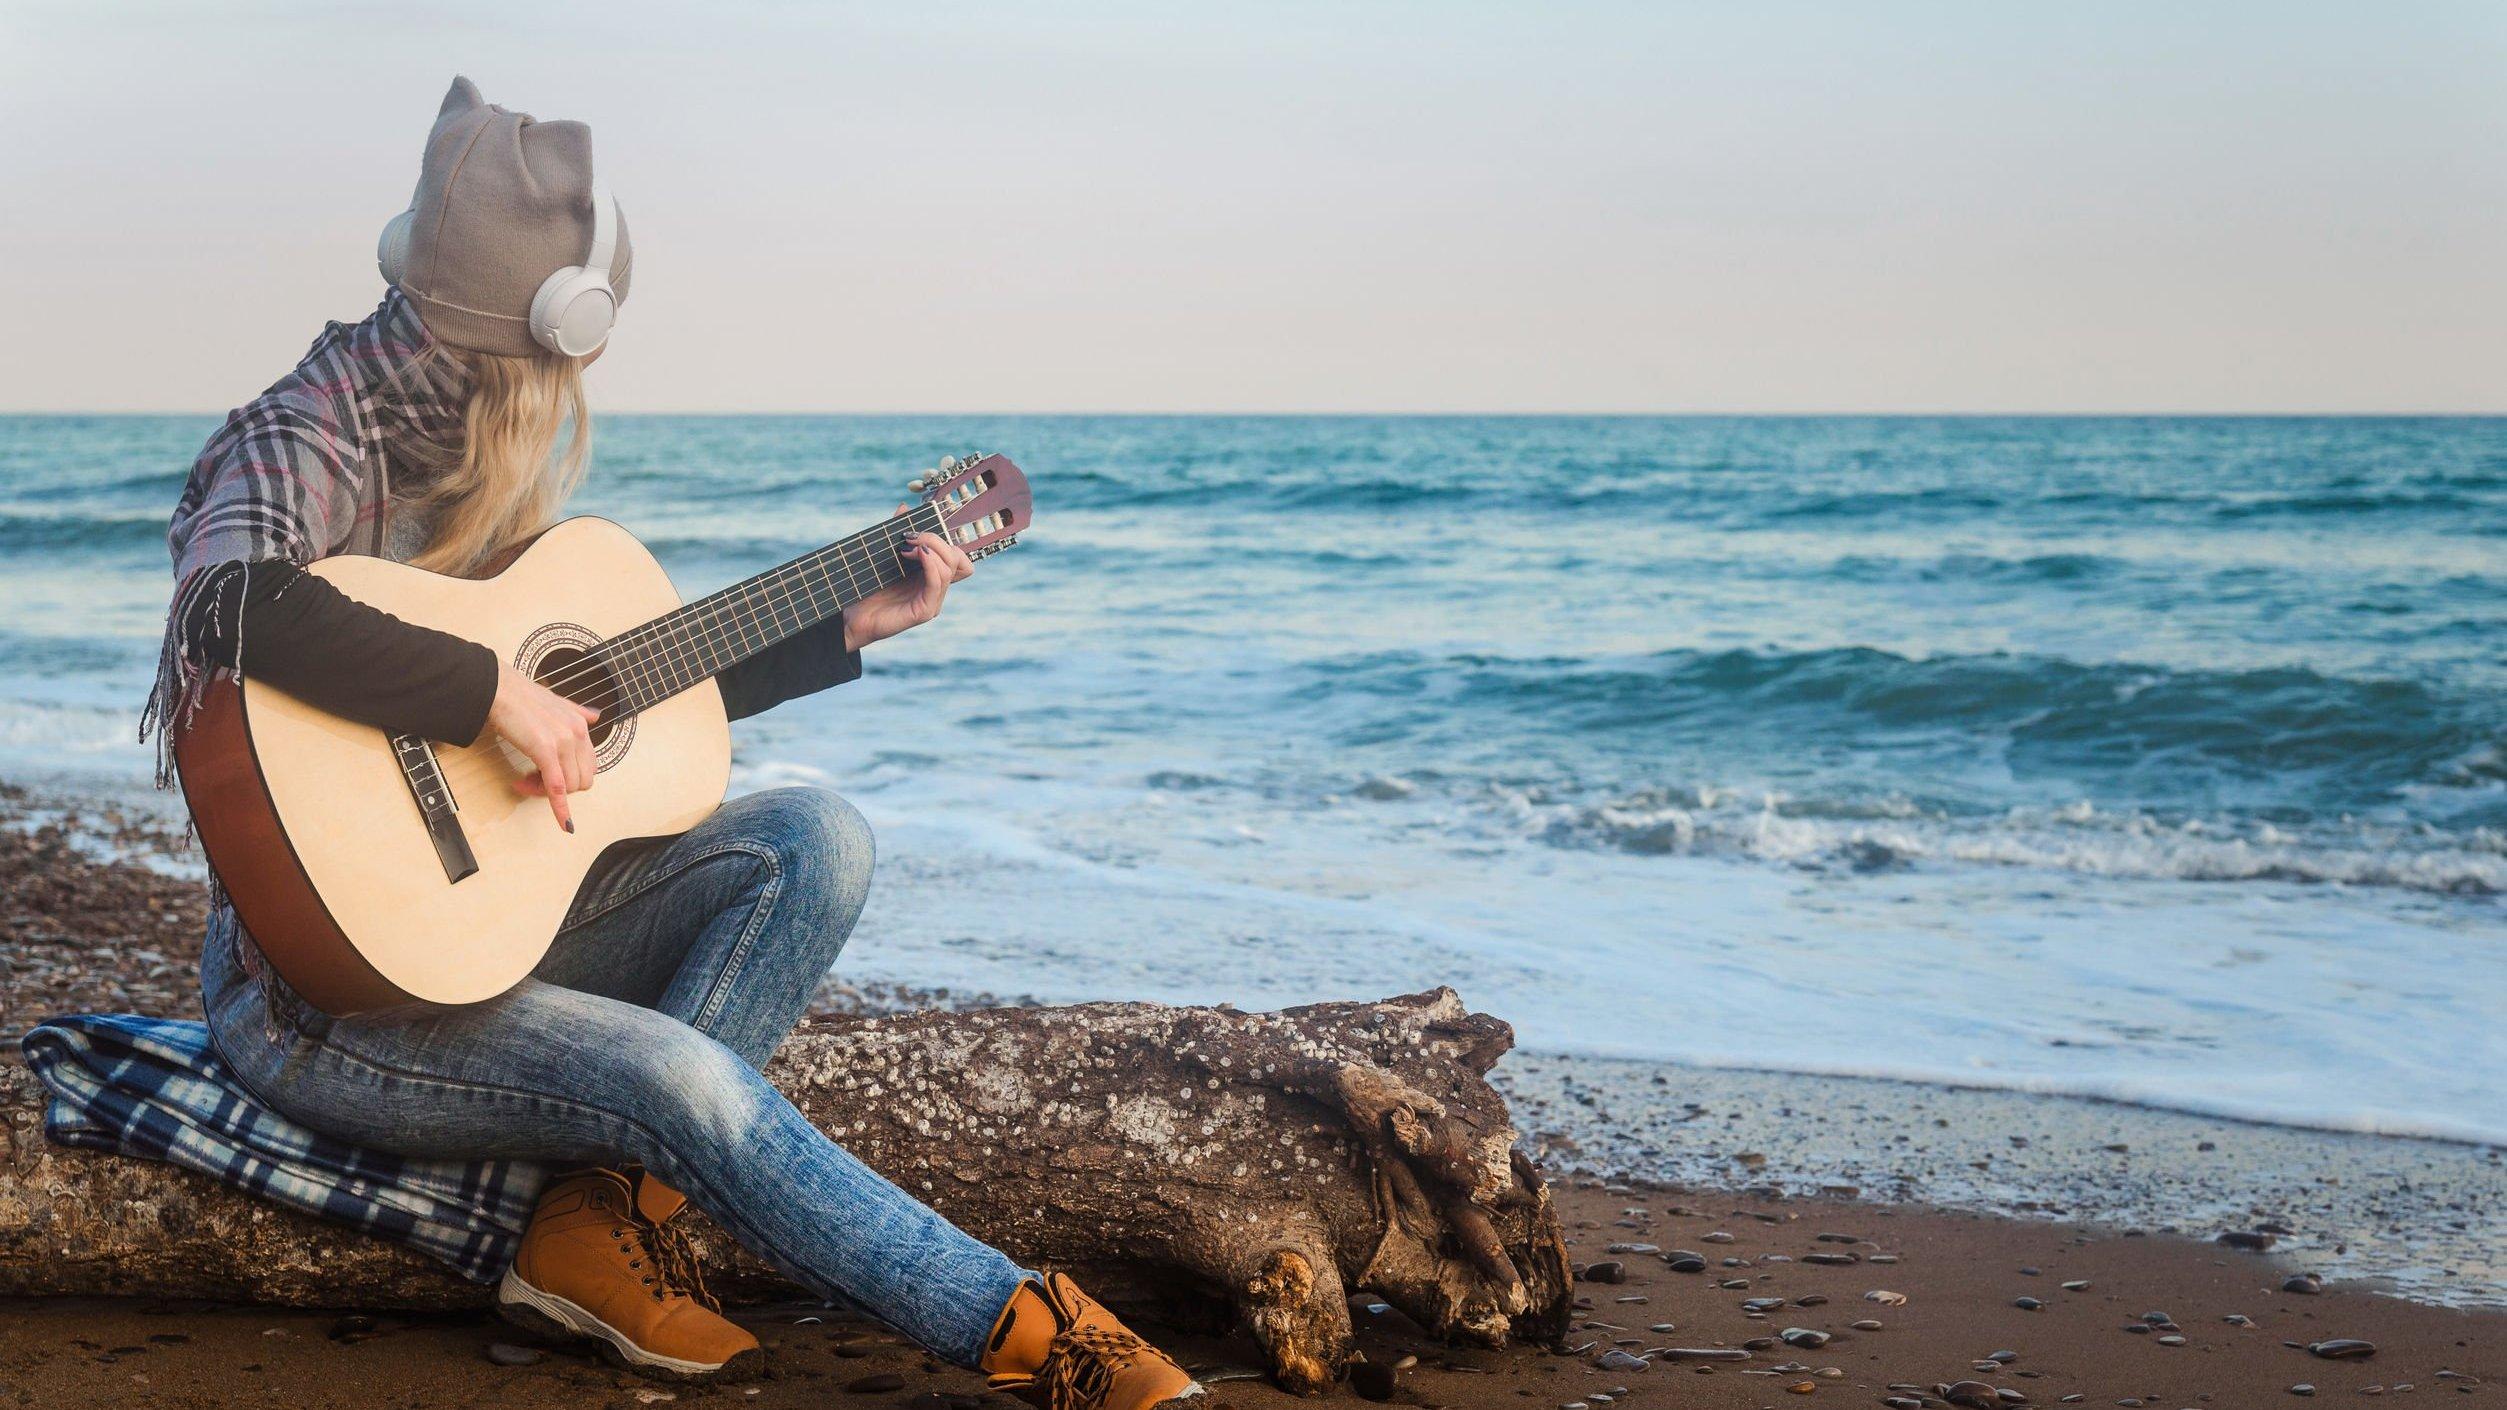 Mulher tocando violão, de frente pro mar.